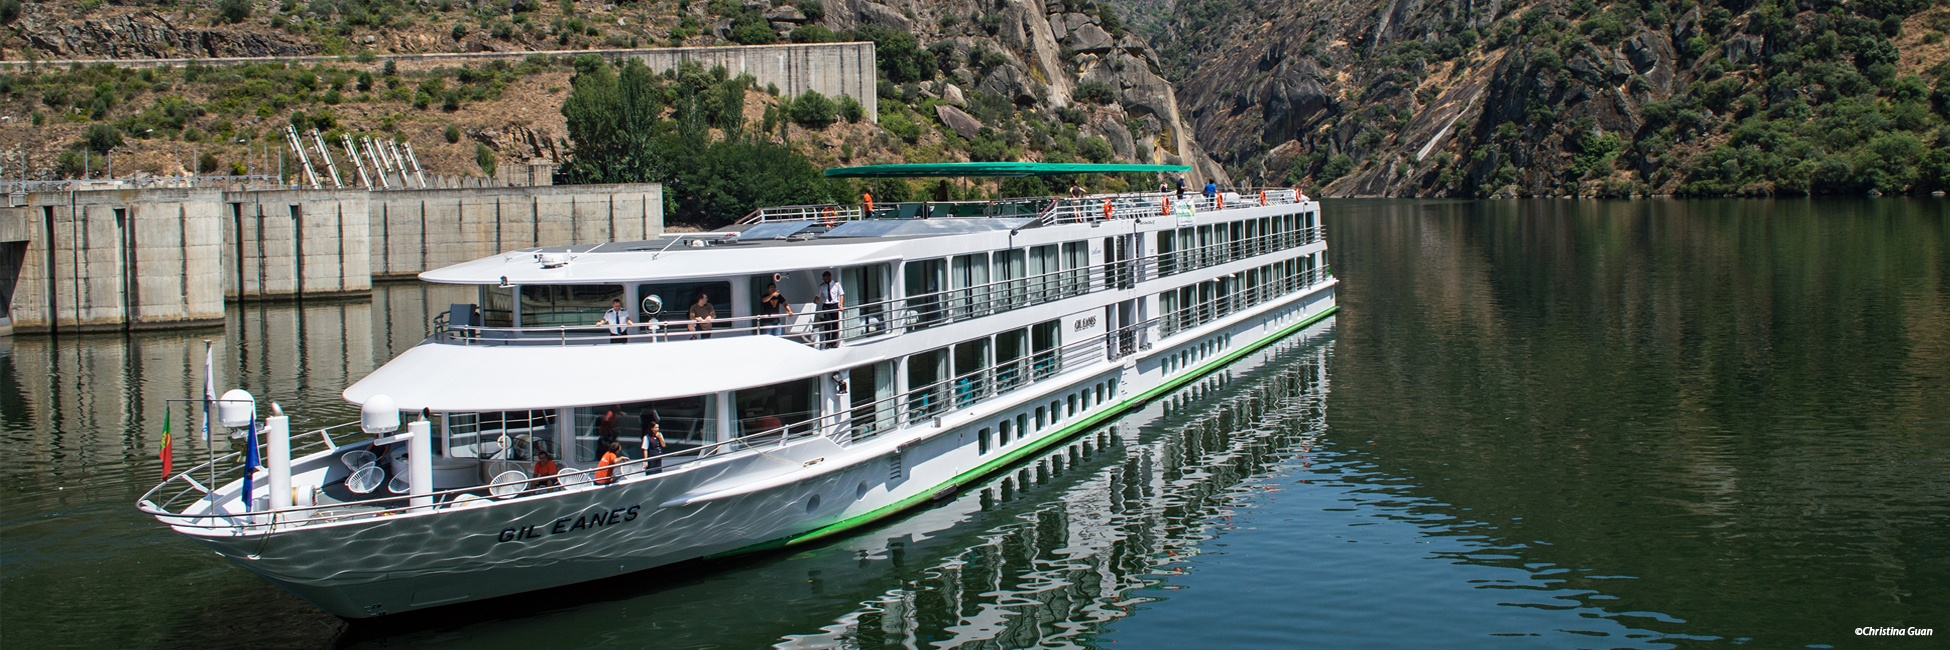 MS Gil Eanes en navigation sur le Douro